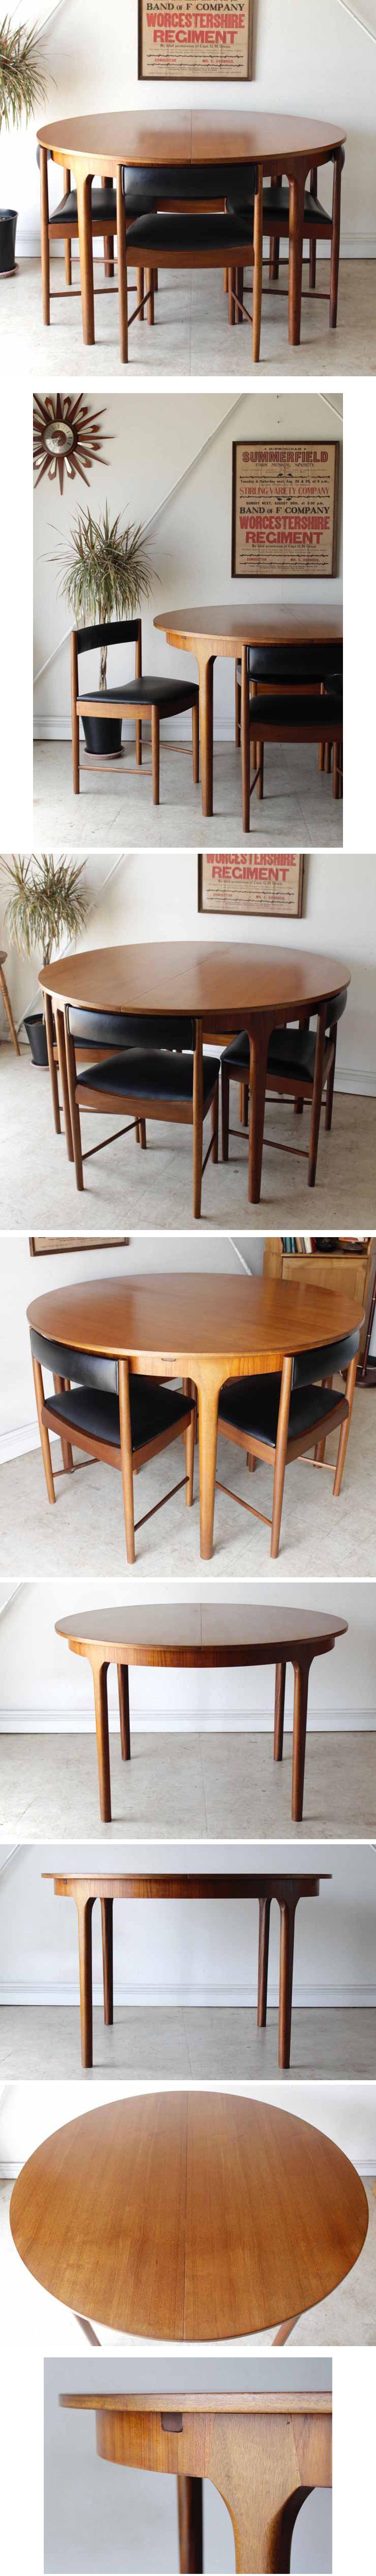 イギリス製ビンテージ家具McIntosh製ダイニングテーブル&ダイニングチェア5点セット・ビンテージ・アンティーク北欧デザイン